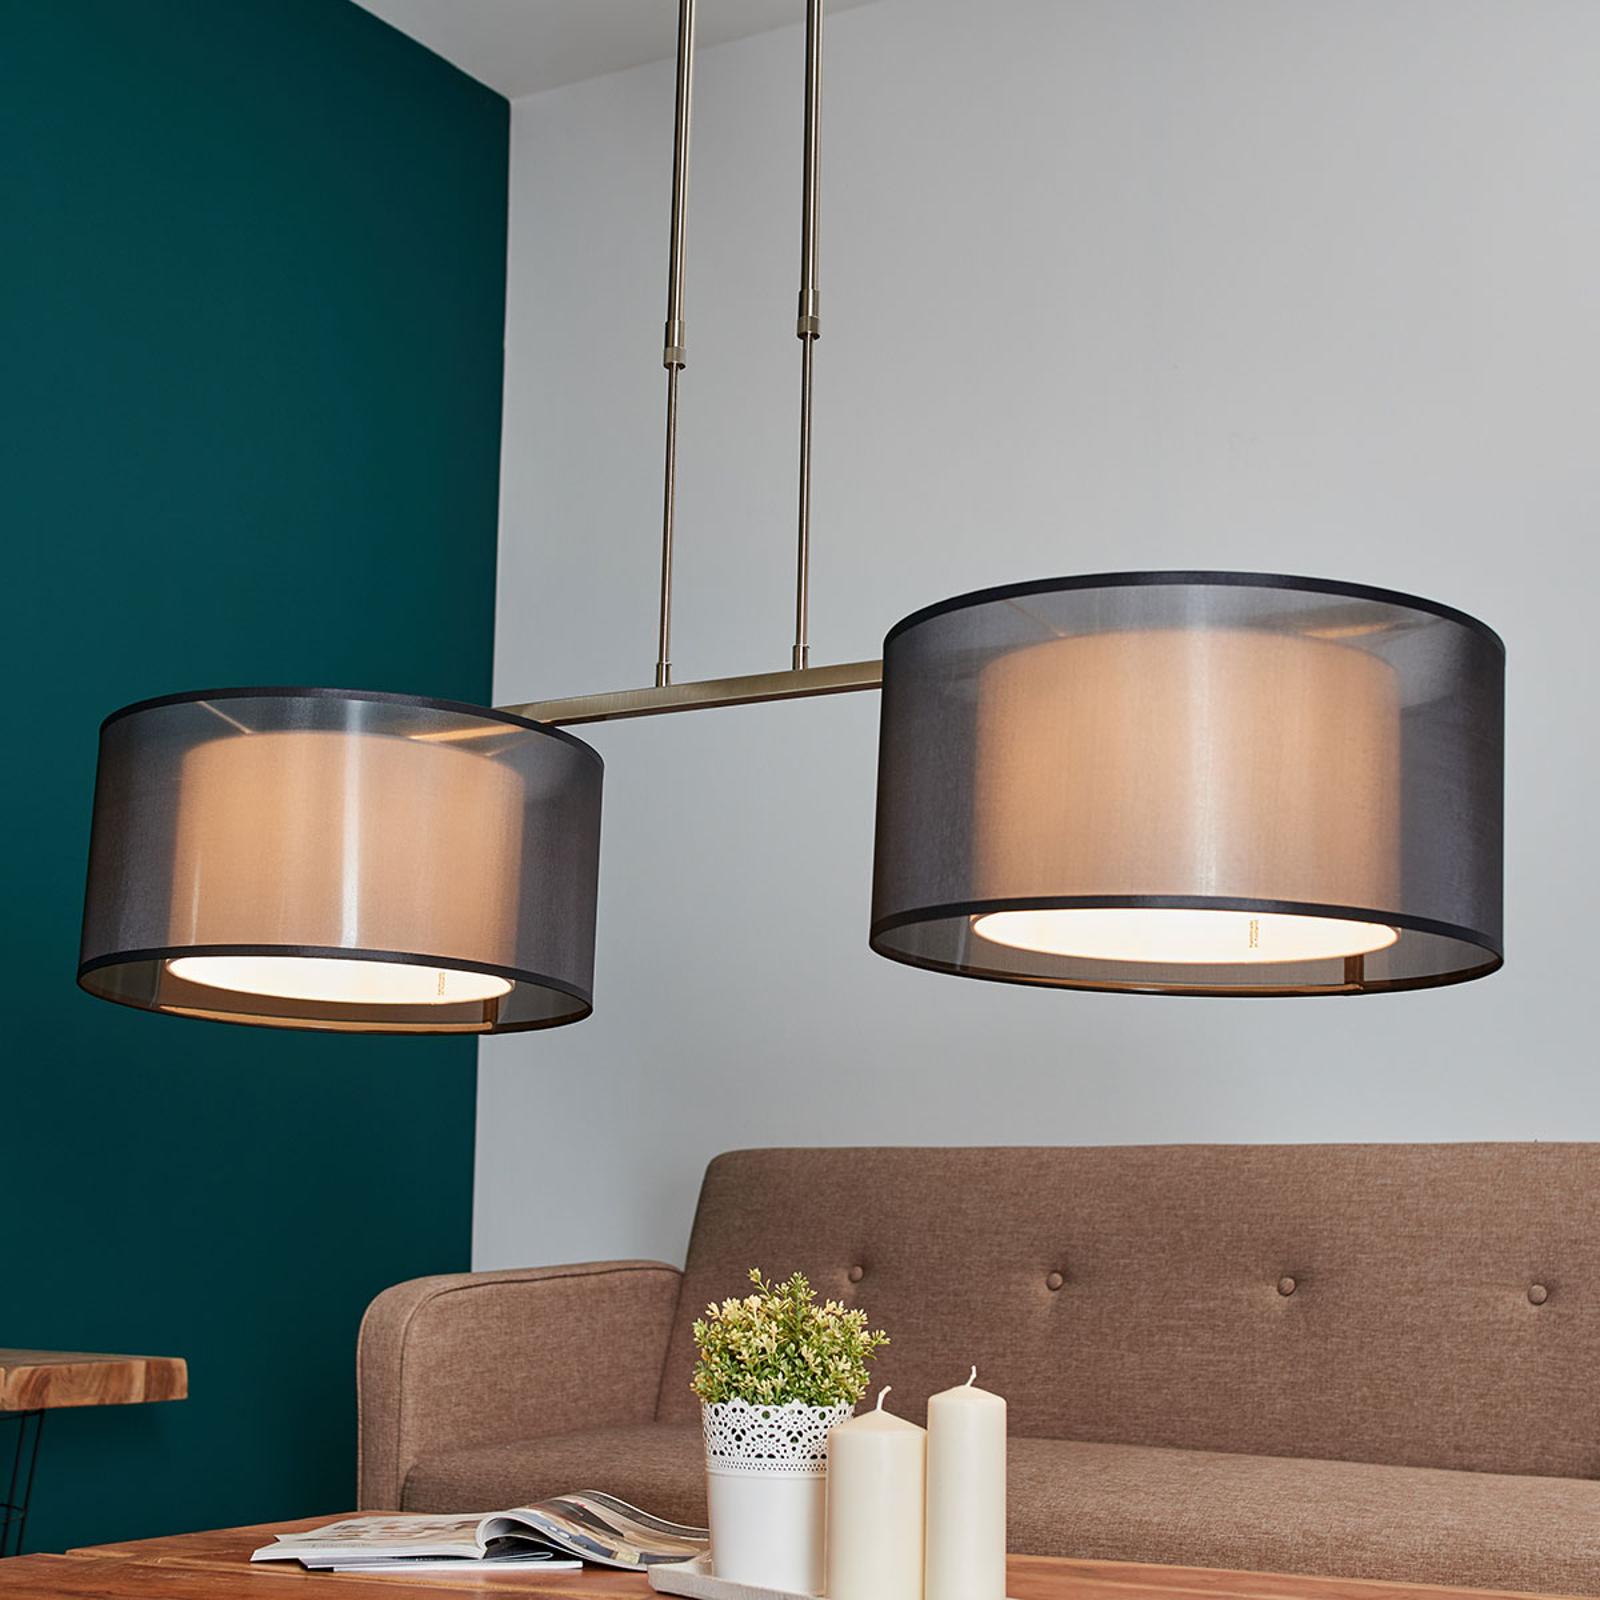 Tessuto - in hoogte verstelbare hanglamp